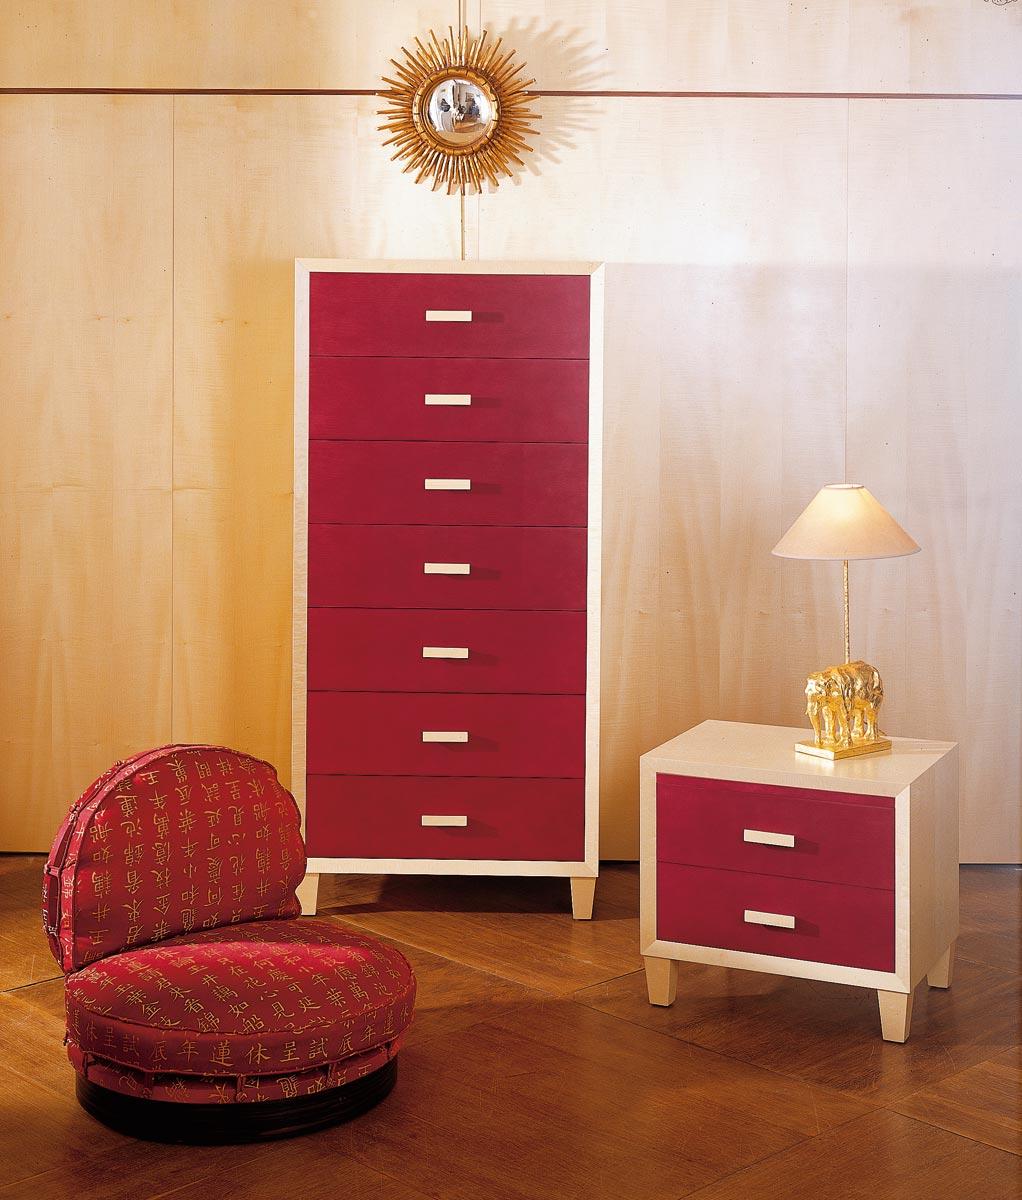 semainier en sycomore mobilier art d co paris agencement xavier g lineau. Black Bedroom Furniture Sets. Home Design Ideas